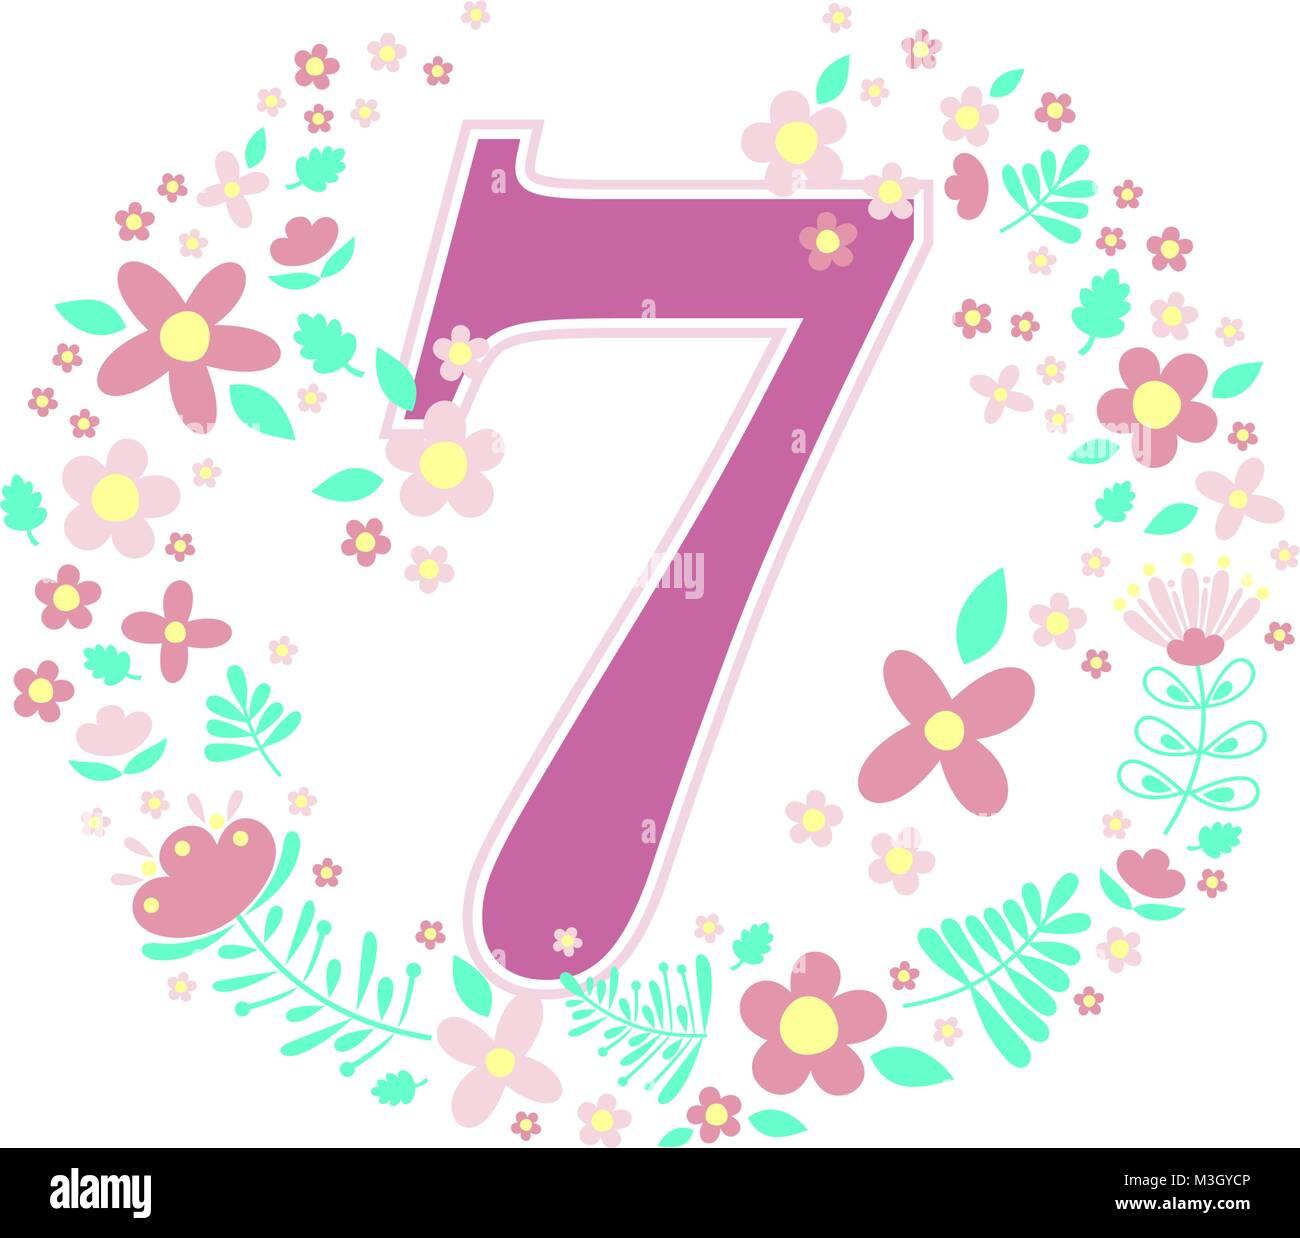 Numéro 7 Avec Des Fleurs Décoratives Et Des éléments De Conception